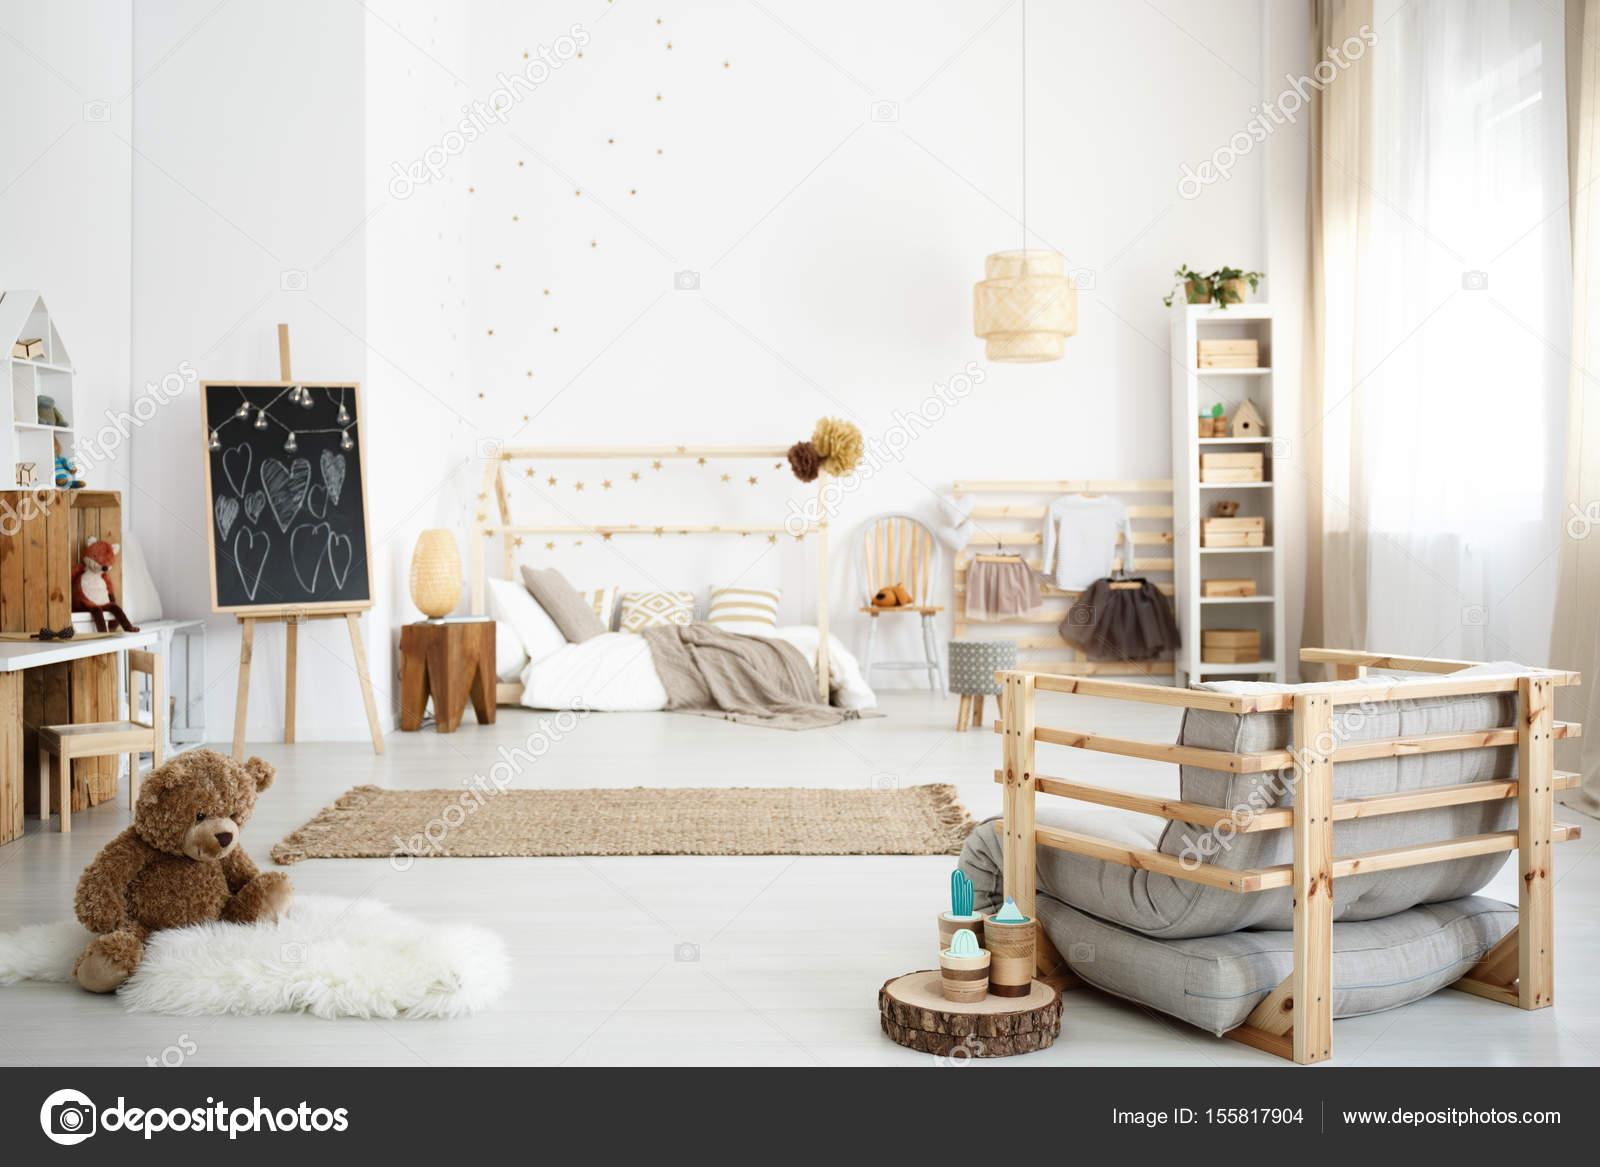 Witte Slaapkamer Inspiratie : Inspirerende scandinavische witte girl s slaapkamer u stockfoto